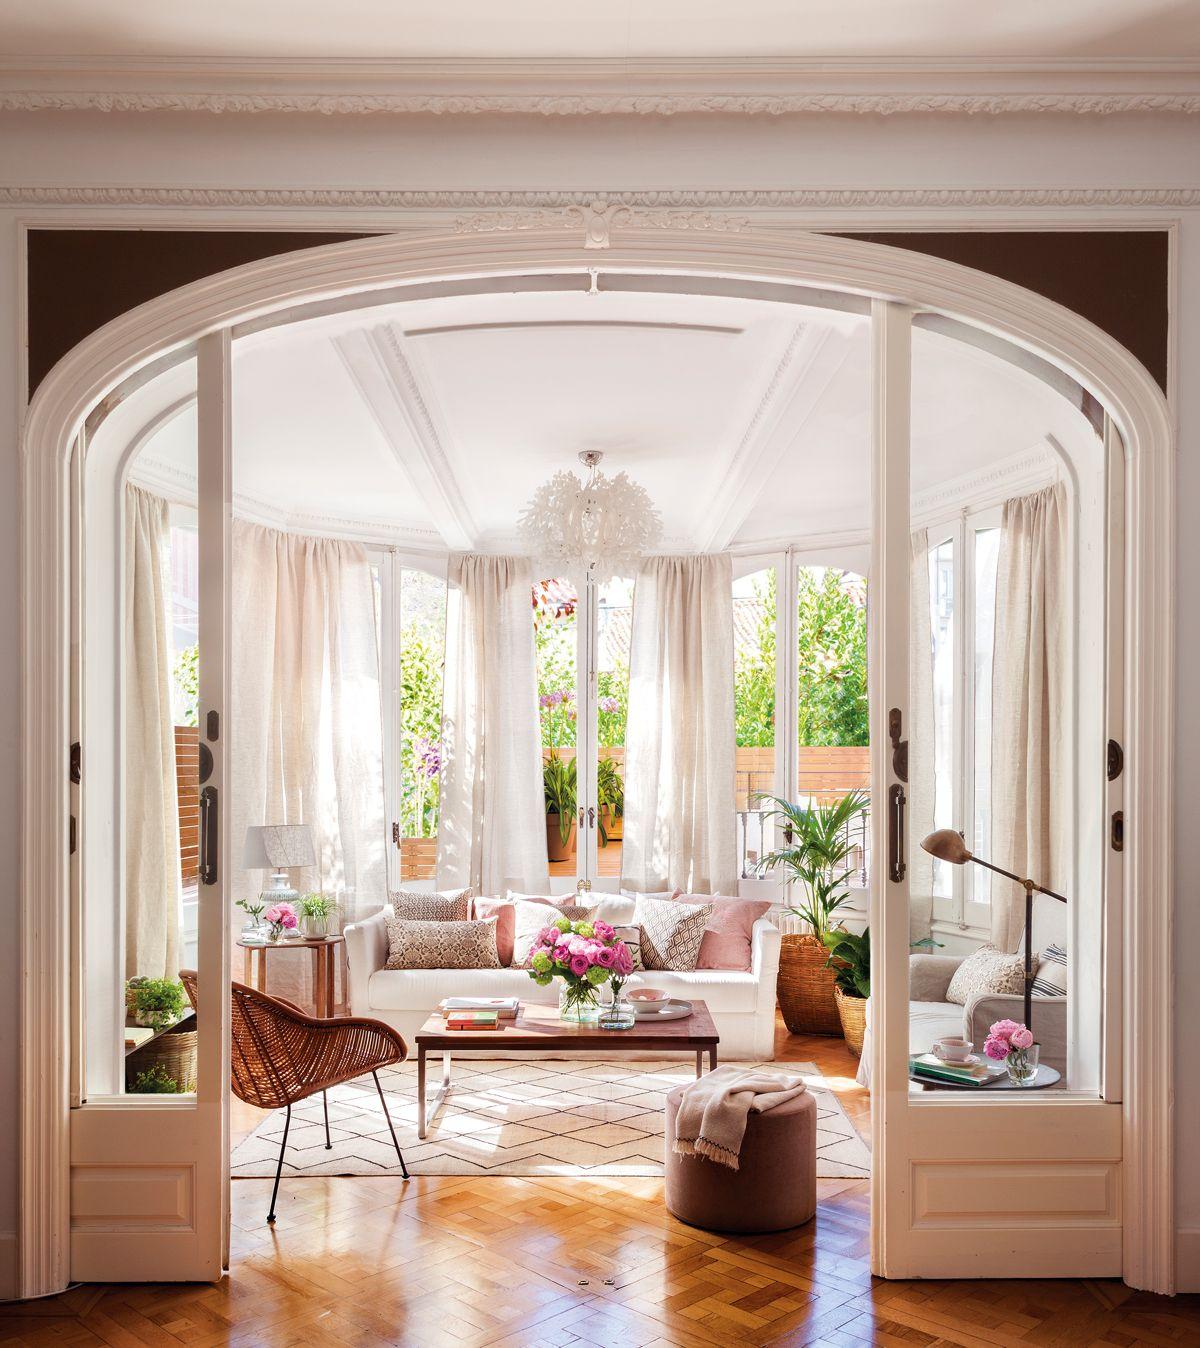 Muebles e ideas para aprovechar las ventanas casa for Modernizar puertas interior